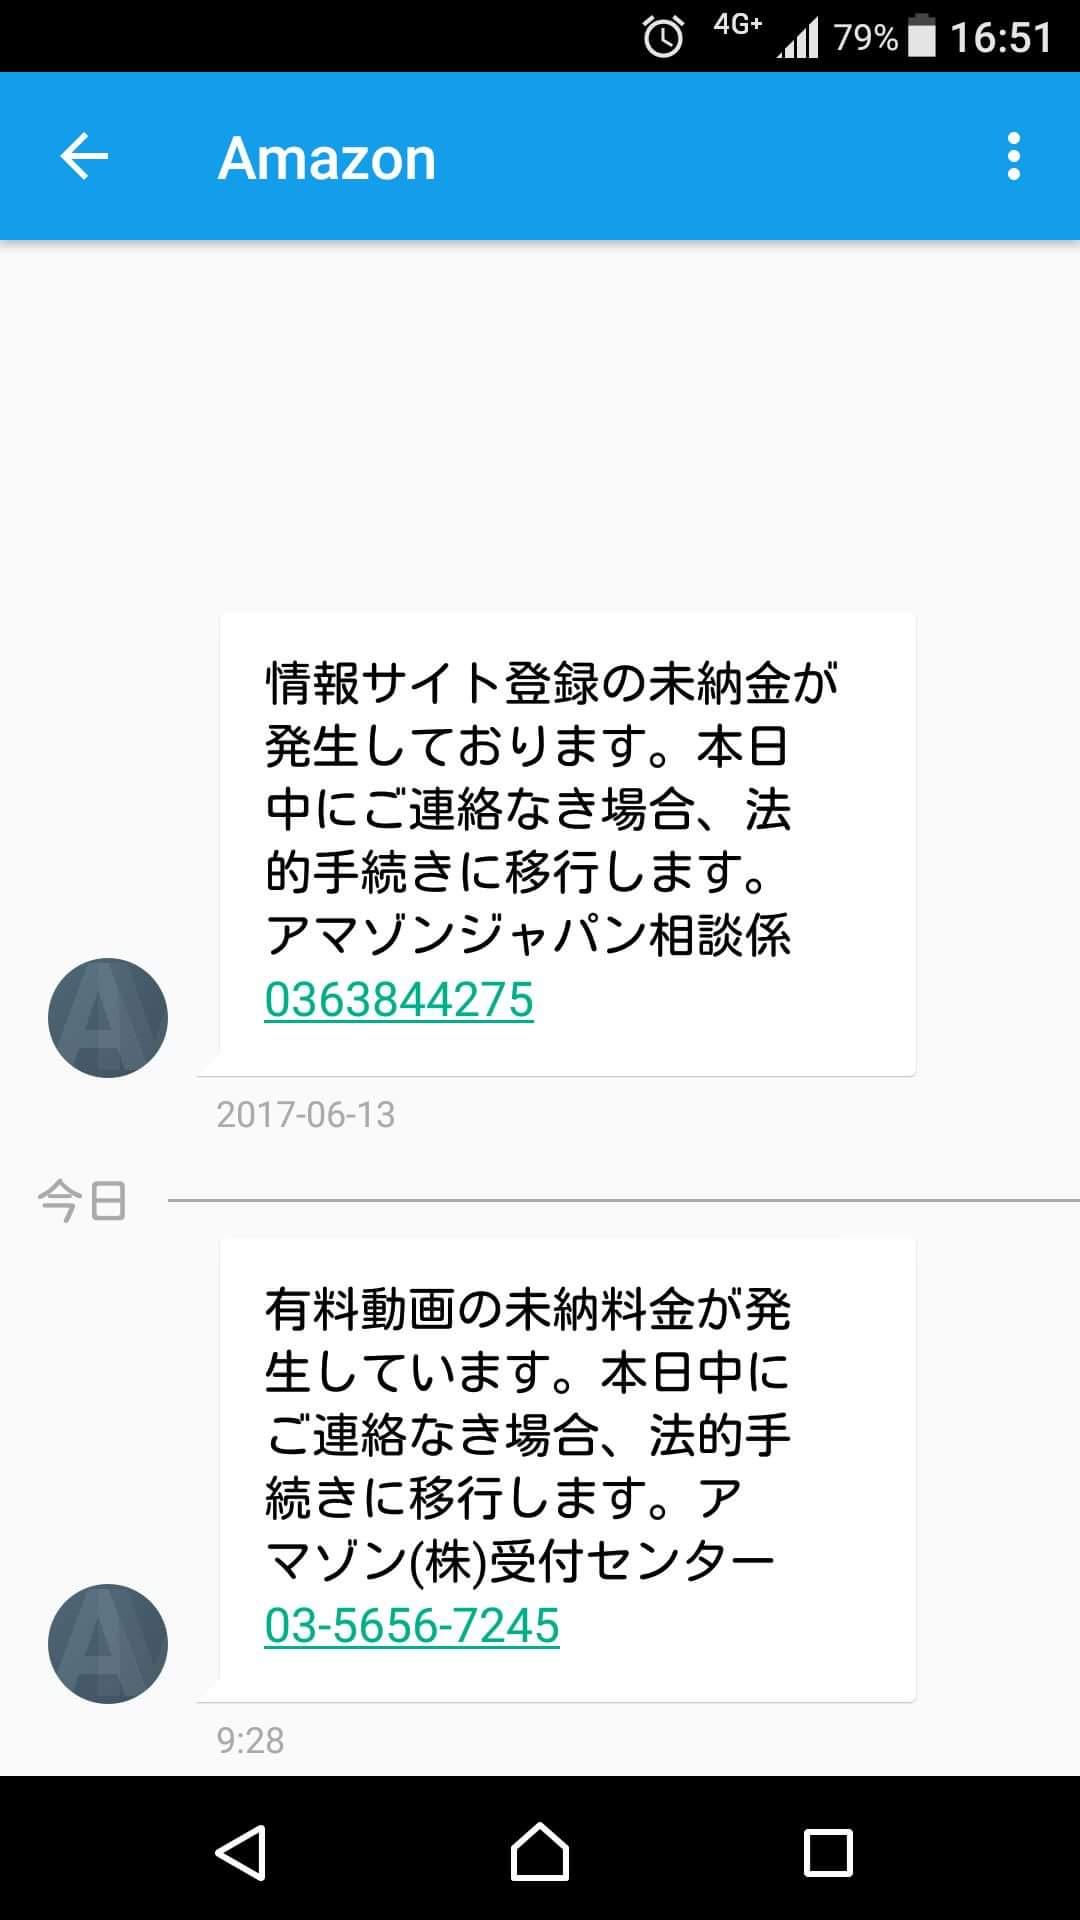 アマゾンを語る詐欺にご注意!!_f0373339_1652653.jpg